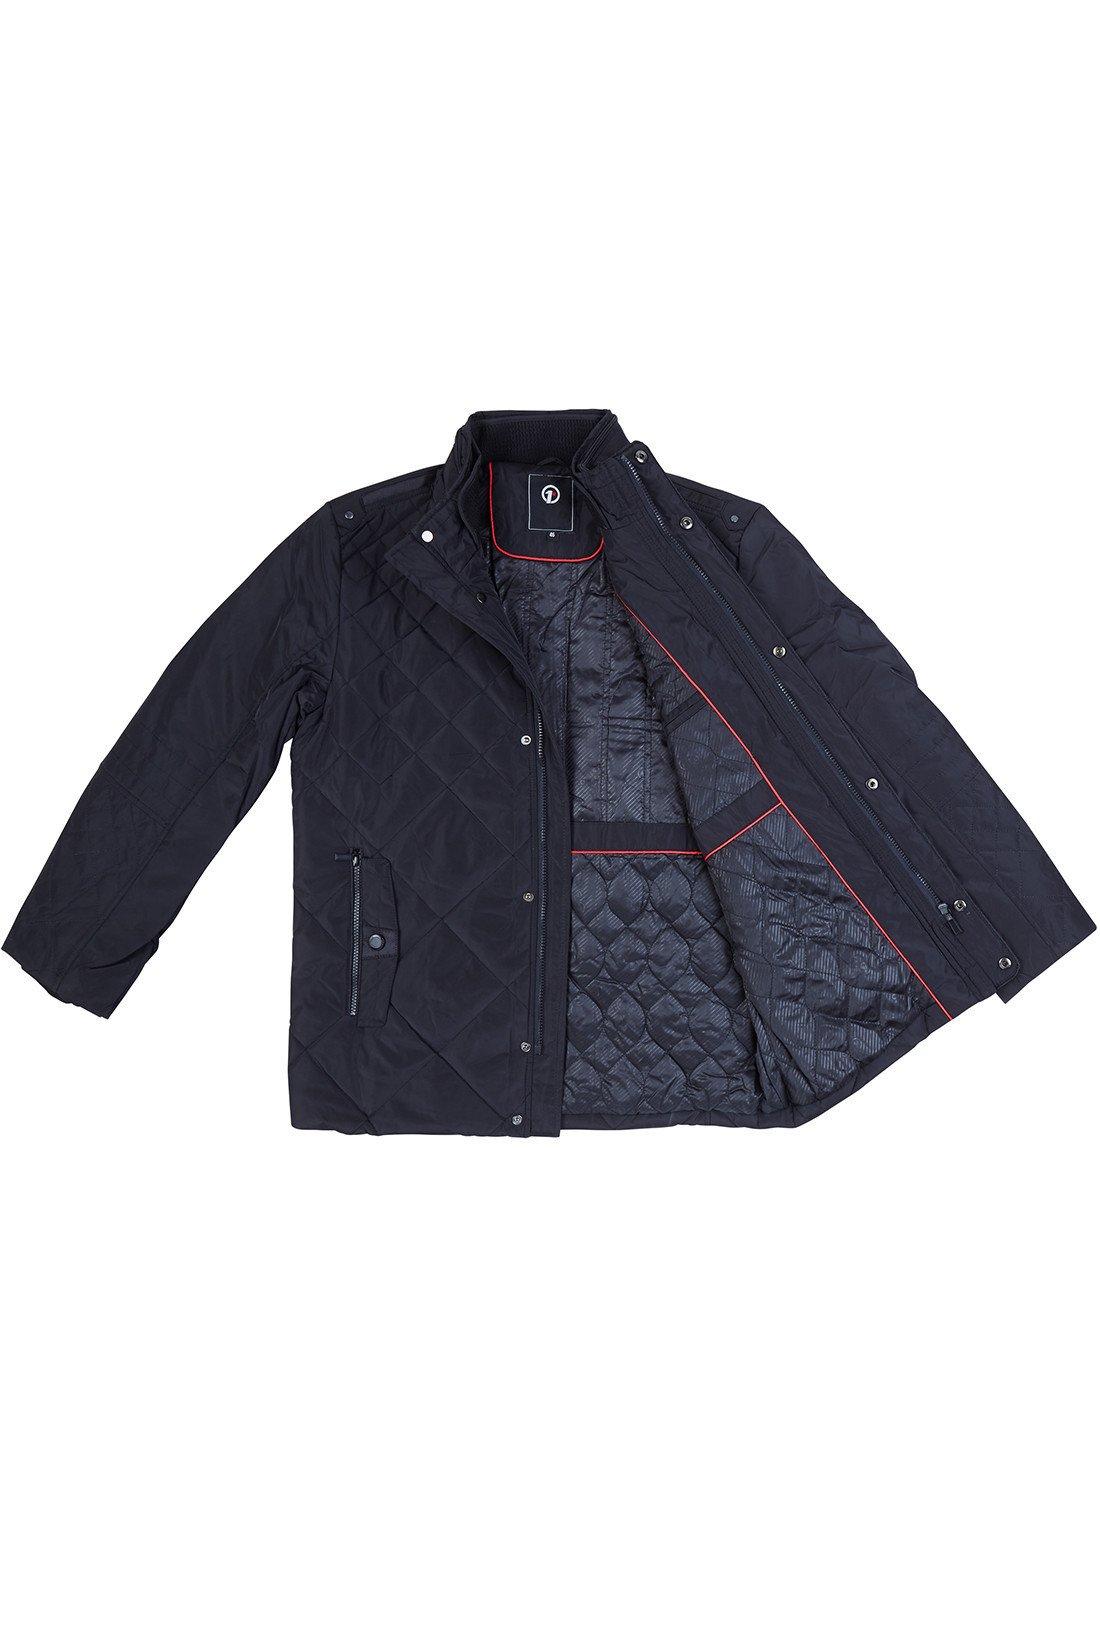 538b6ef1d553 https   modon.pl product-pol-4-Sukienka-Dagon-2163-czarna-z ...